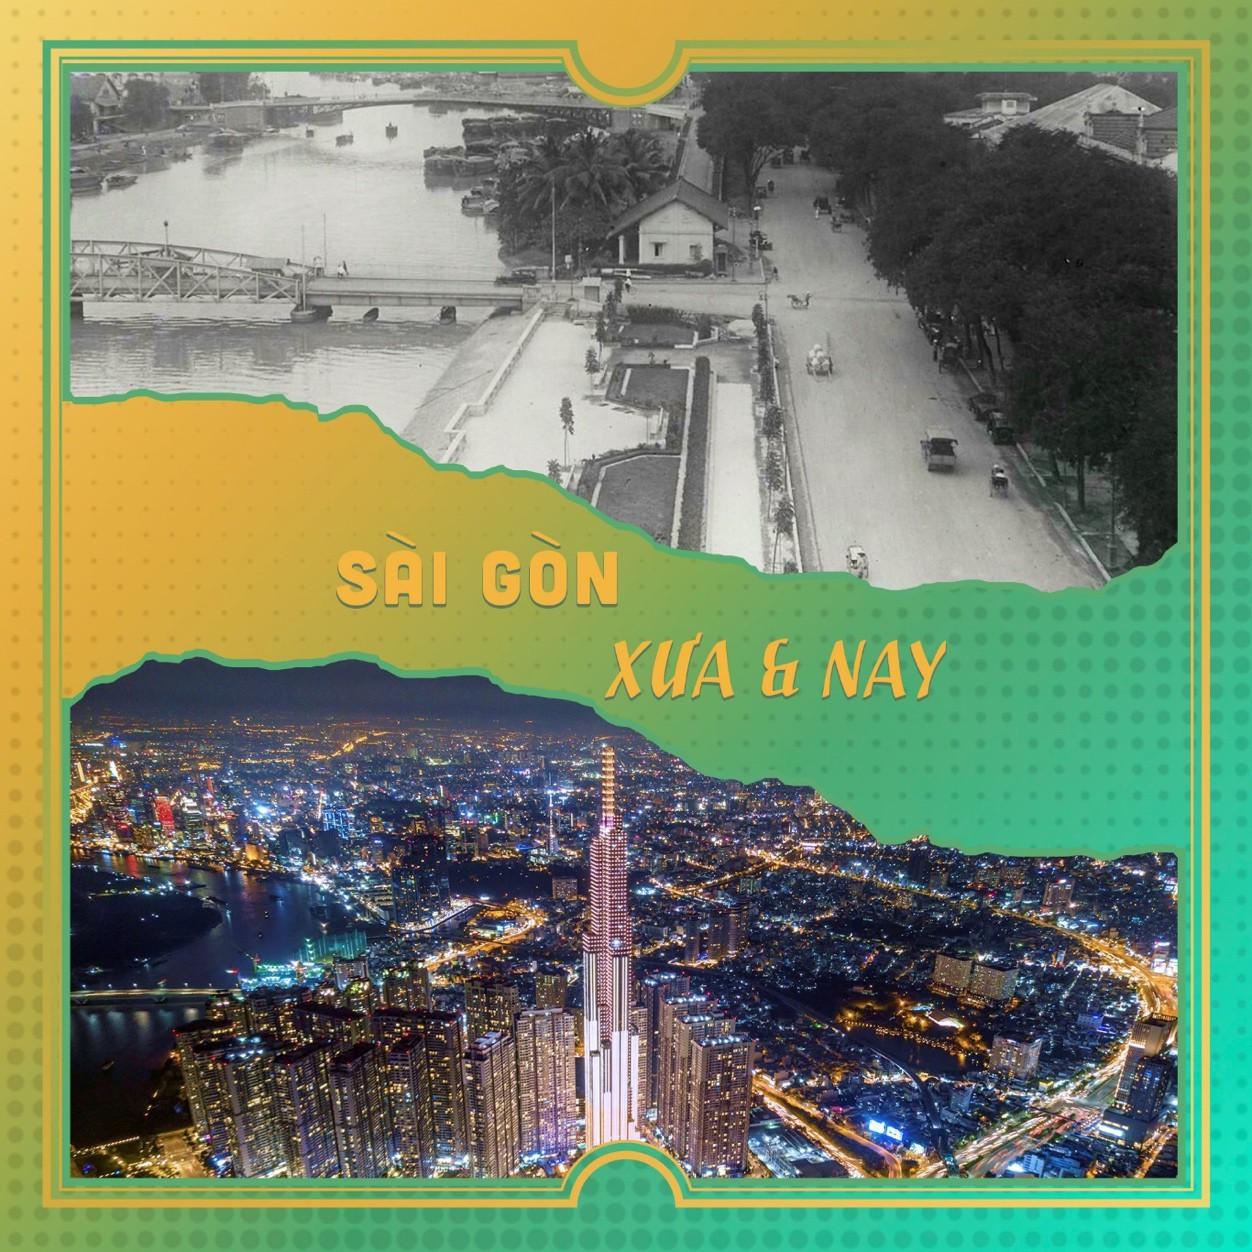 Xưa và nay, sống trọn một ngày bằng hơi thở Sài Gòn - Ảnh 1.